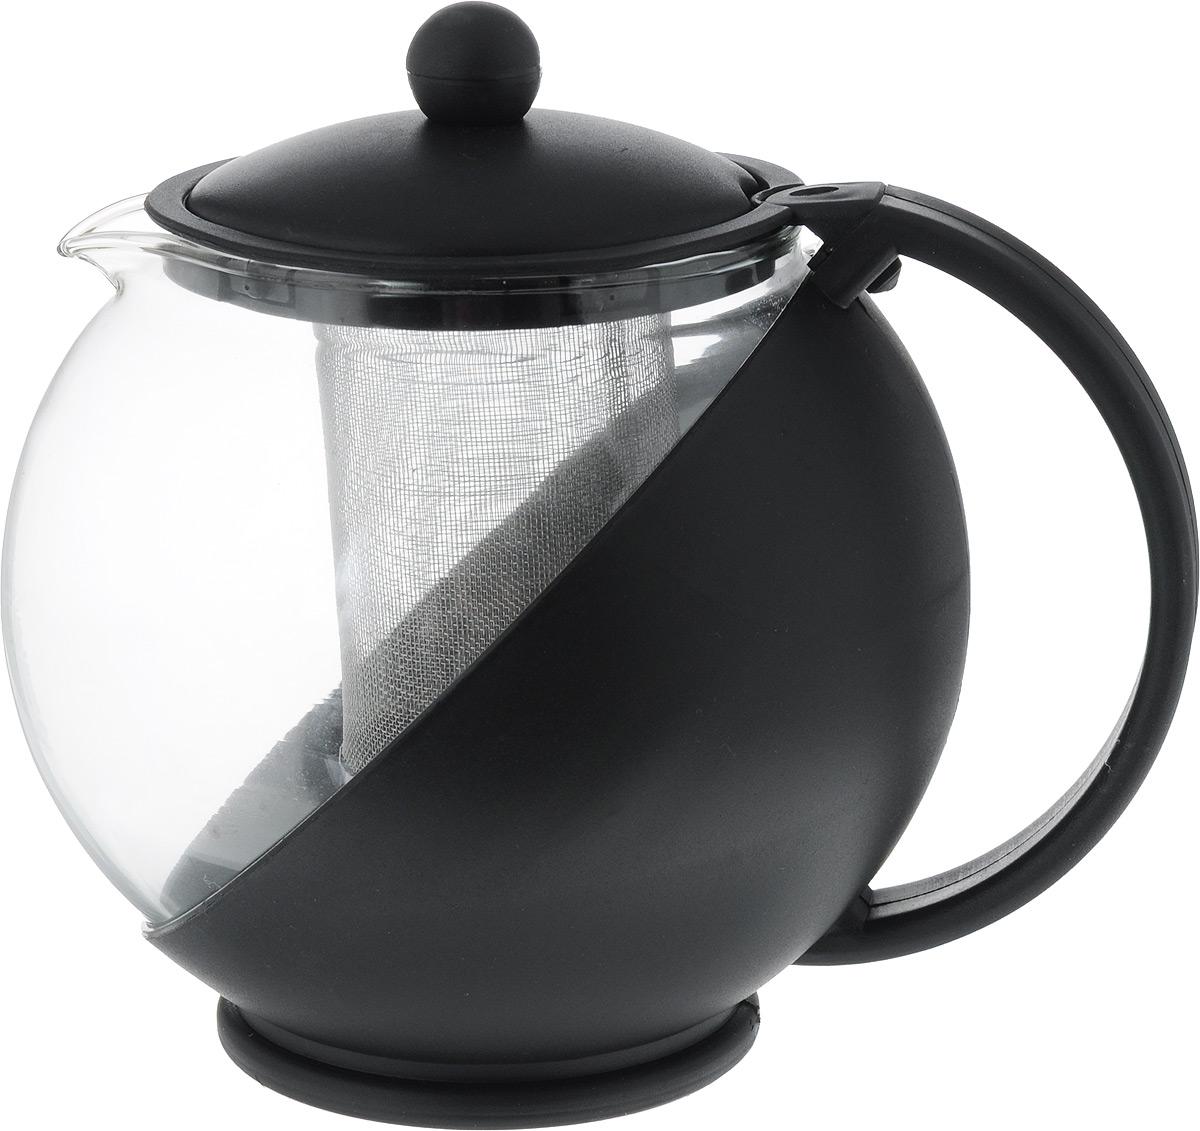 """Заварочный чайник """"Mayer & Boch"""" изготовлен из пластика и термостойкого боросиликатного стекла.  Посуда из стекла позволяет максимально сохранить полезные свойства и вкусовые качества воды. Прозрачные стенки чайника придают ему эстетичности на столе и помогают определить крепость завариваемого напитка.  Внутренняя сеточка для заварки также выполняет функцию фильтра, который задержит чаинки.  За чайником легко ухаживать, так как его можно мыть в посудомоечной машине. Объем: 1,25 л."""